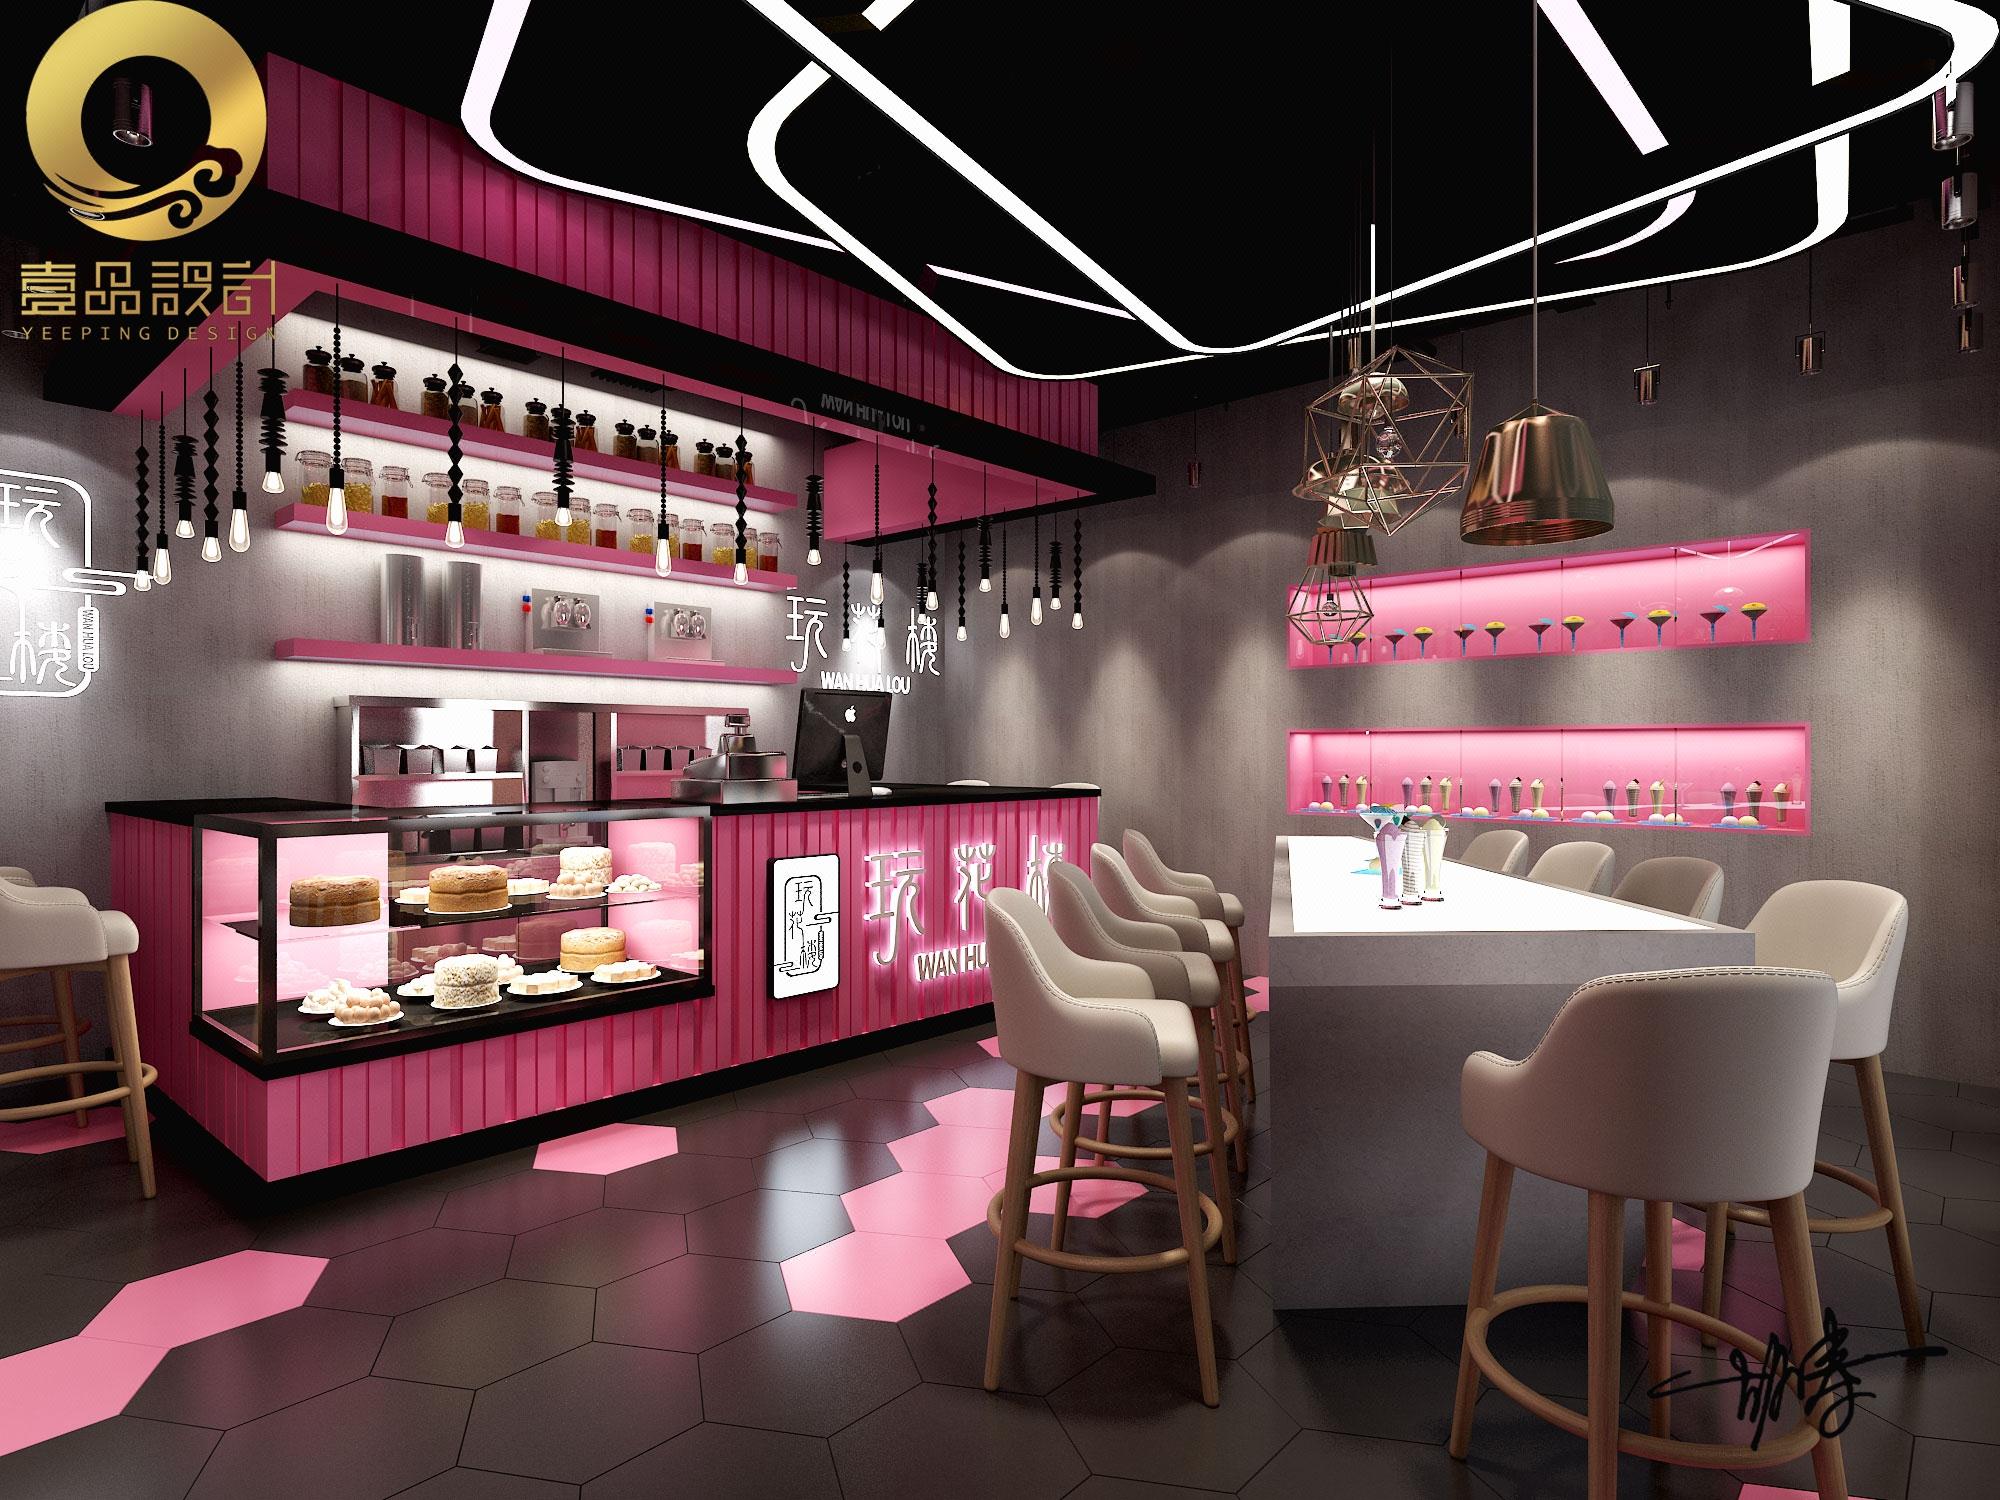 水吧设计甜品店设计奶茶店设计蛋糕店设计咖啡馆店铺设计效果图